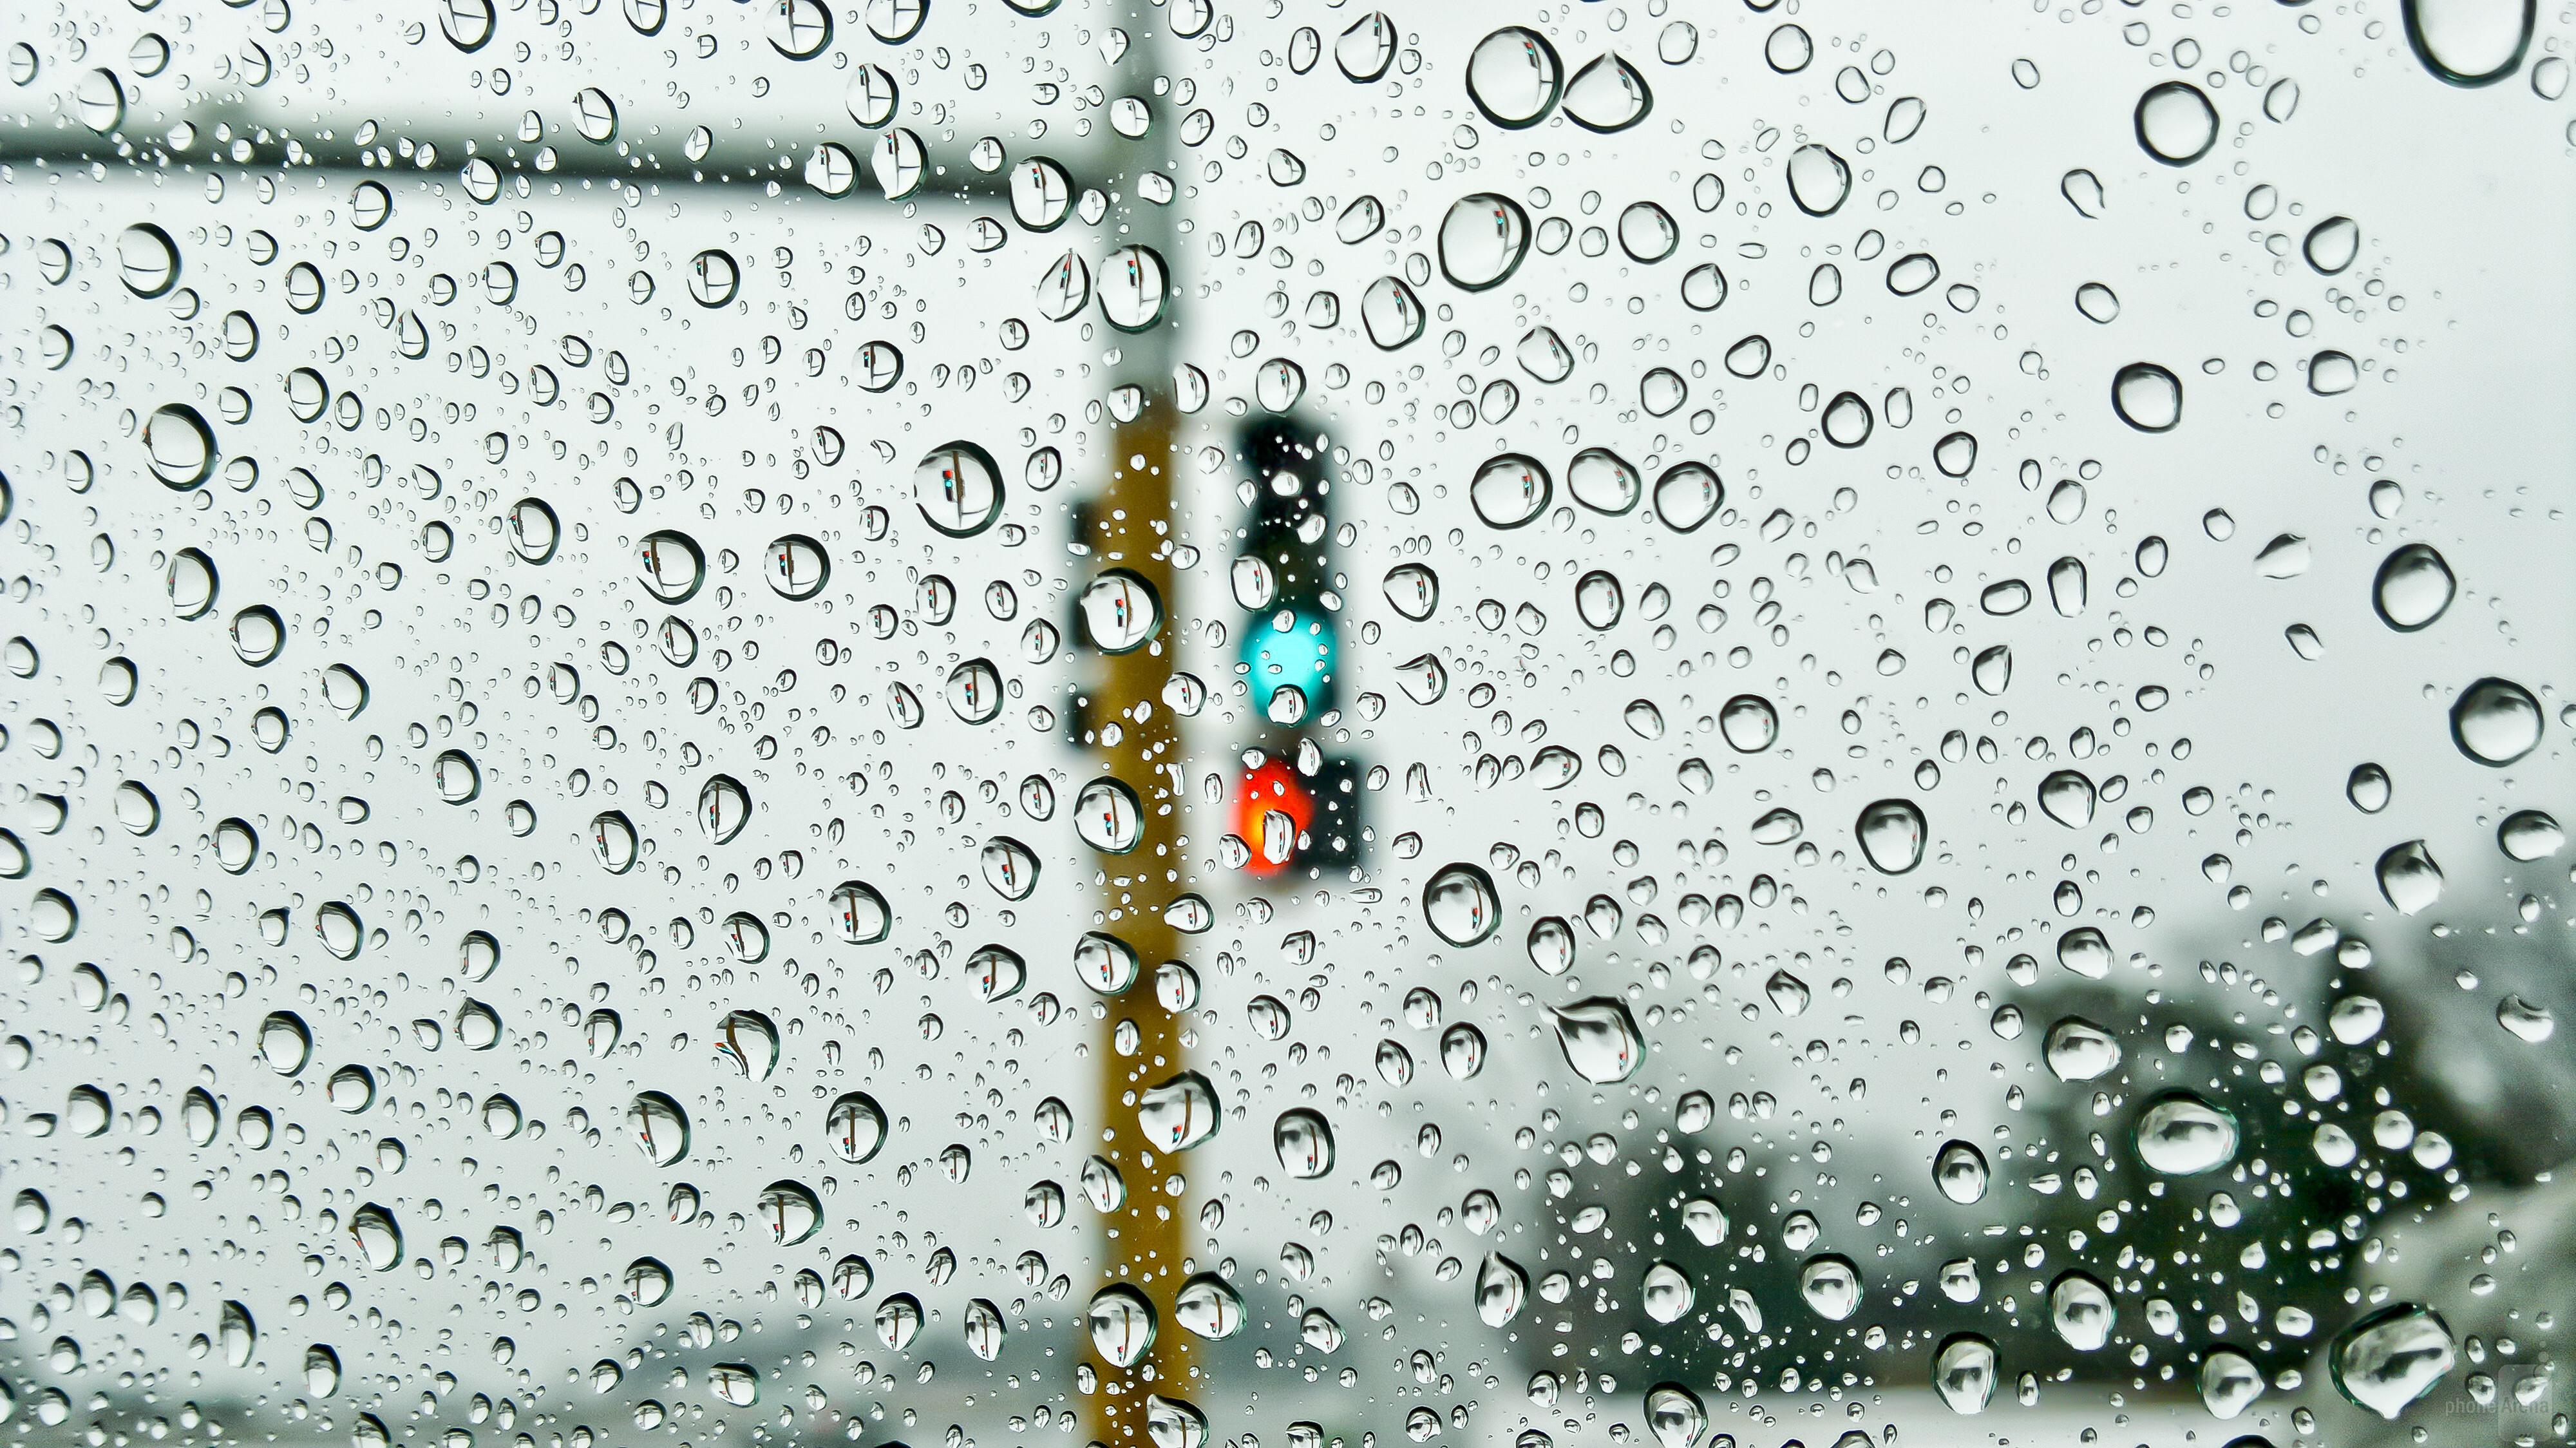 Капли дождь брызги  № 2148676 без смс